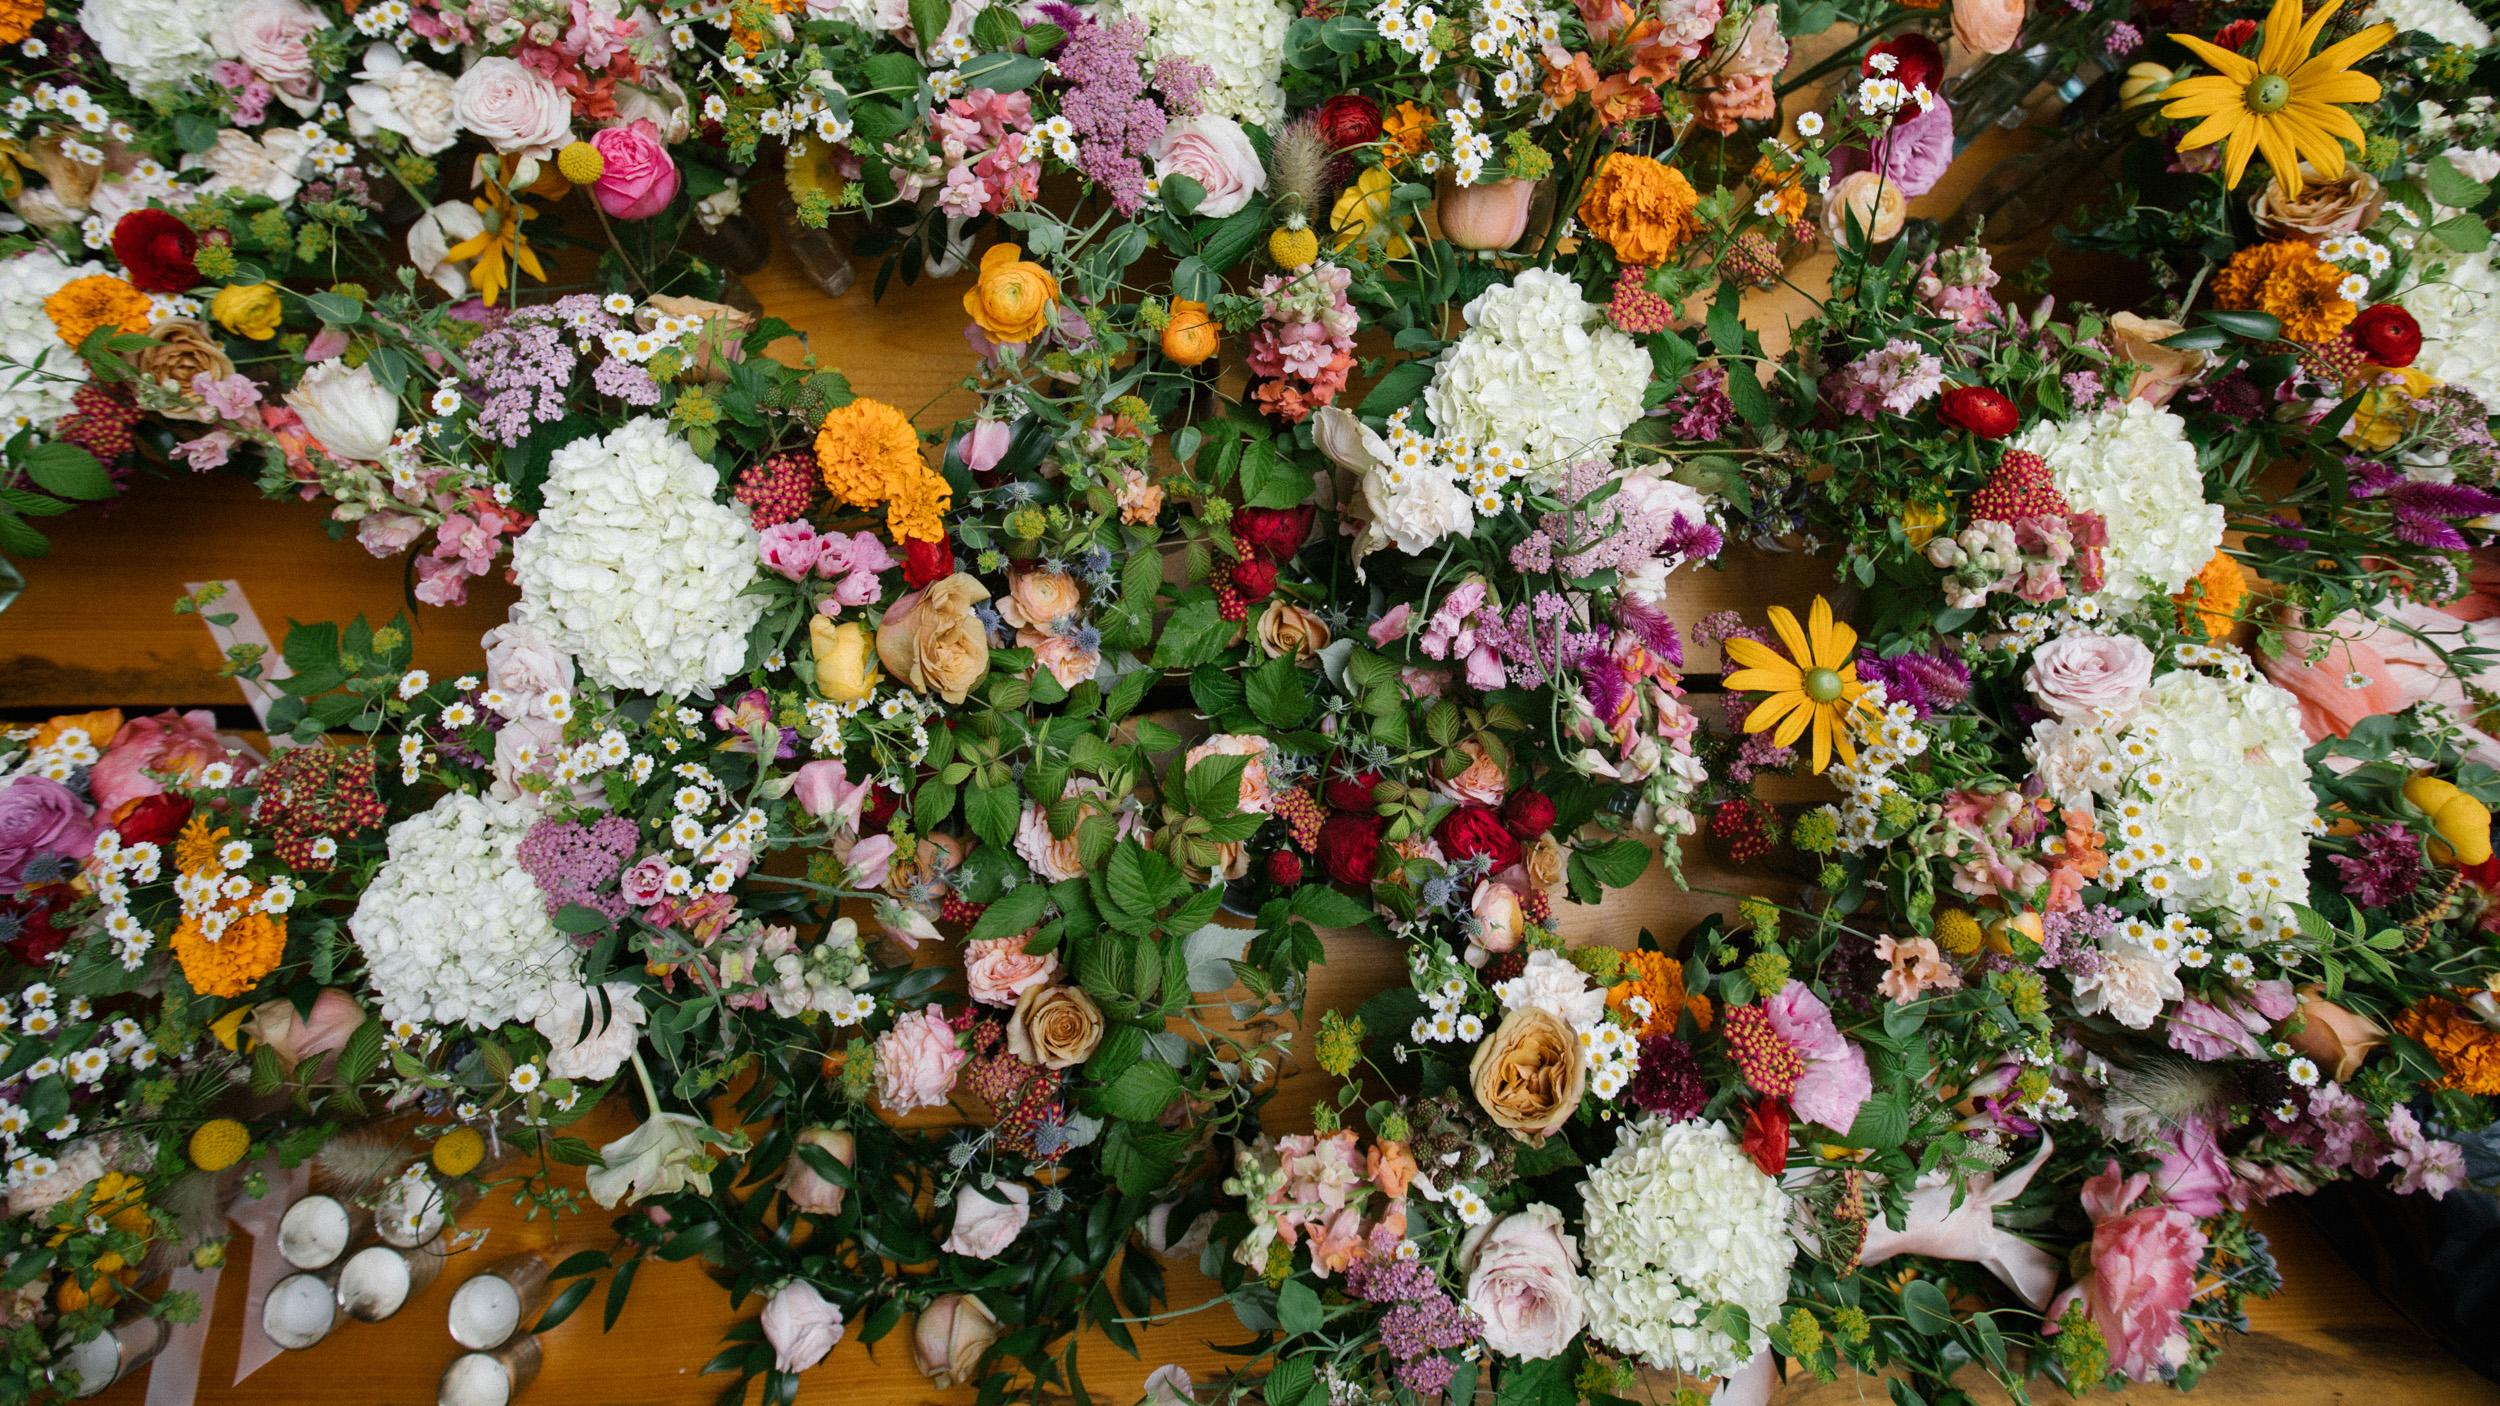 alec_vanderboom_vermont_wedding_photography-0129.jpg